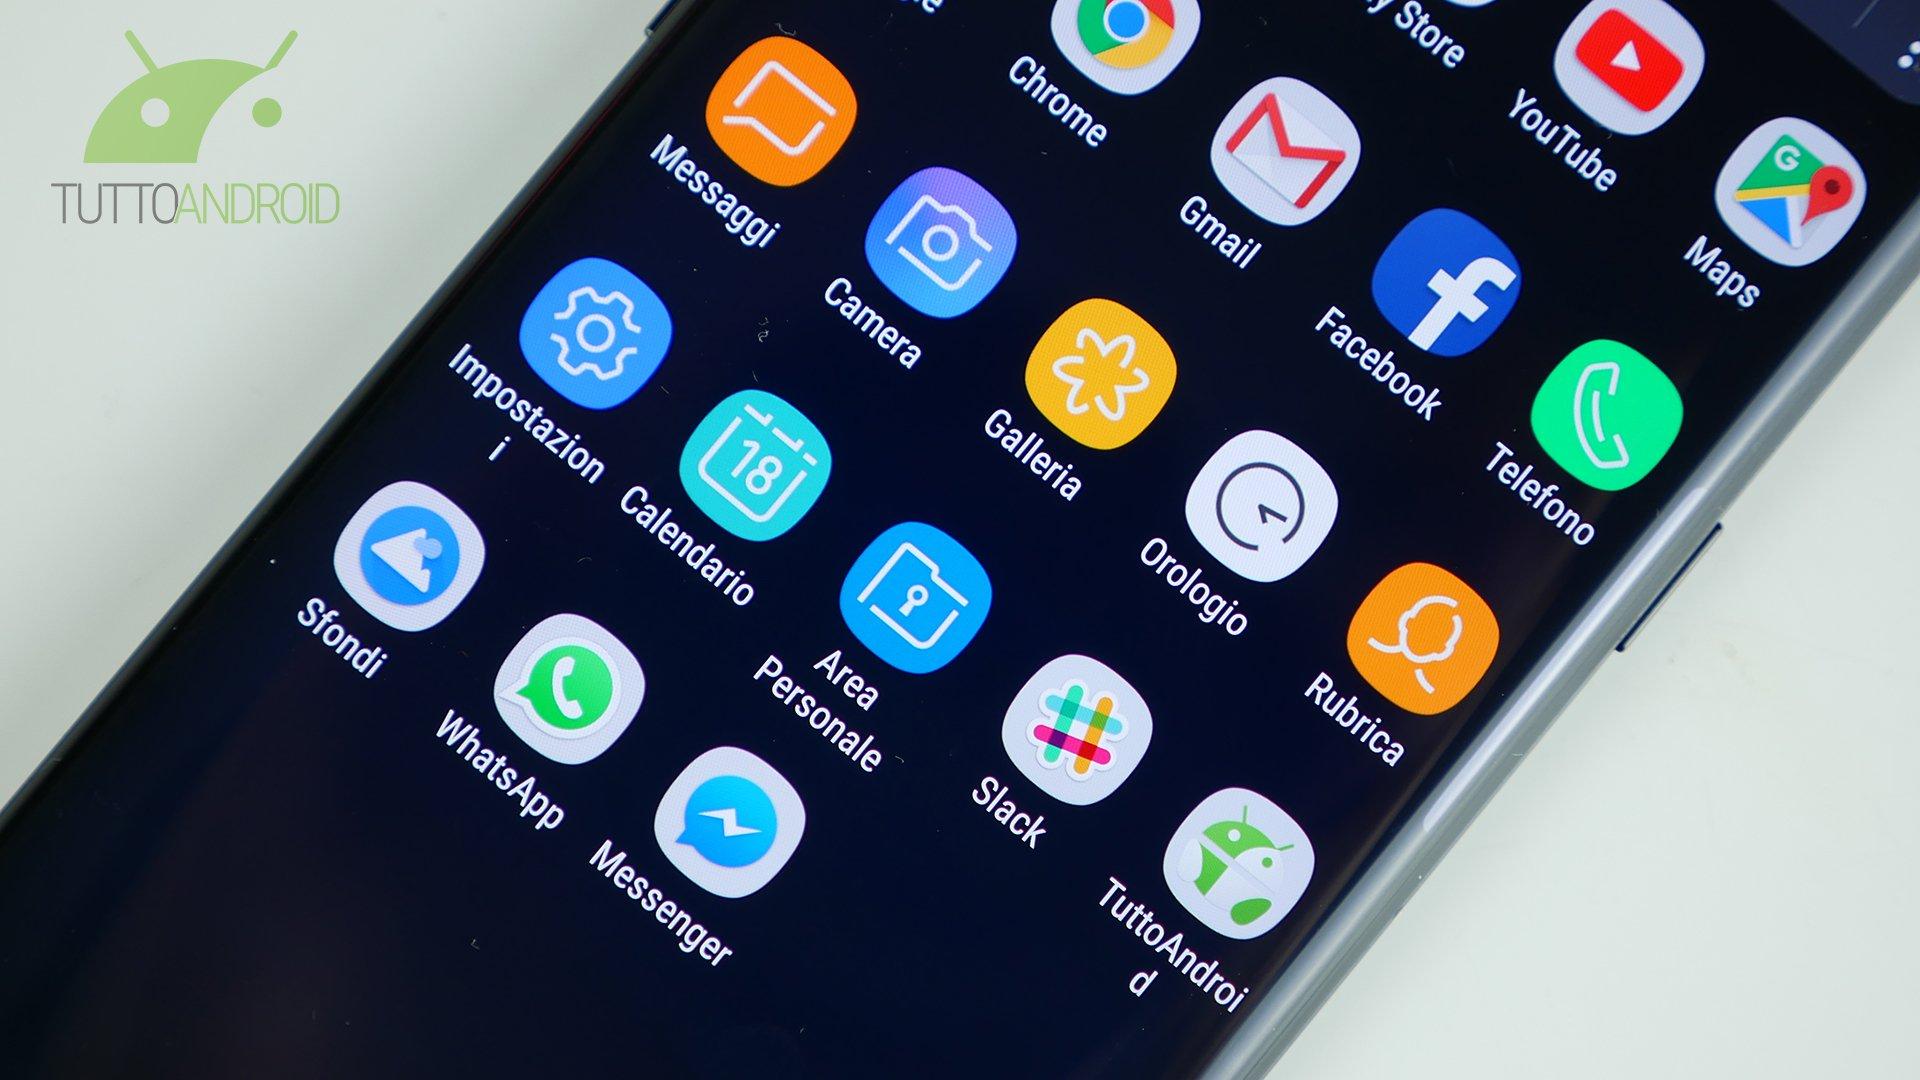 Calendario Samsung.Calendario Samsung Arrivano Gli Sticker Per Identificare Gli